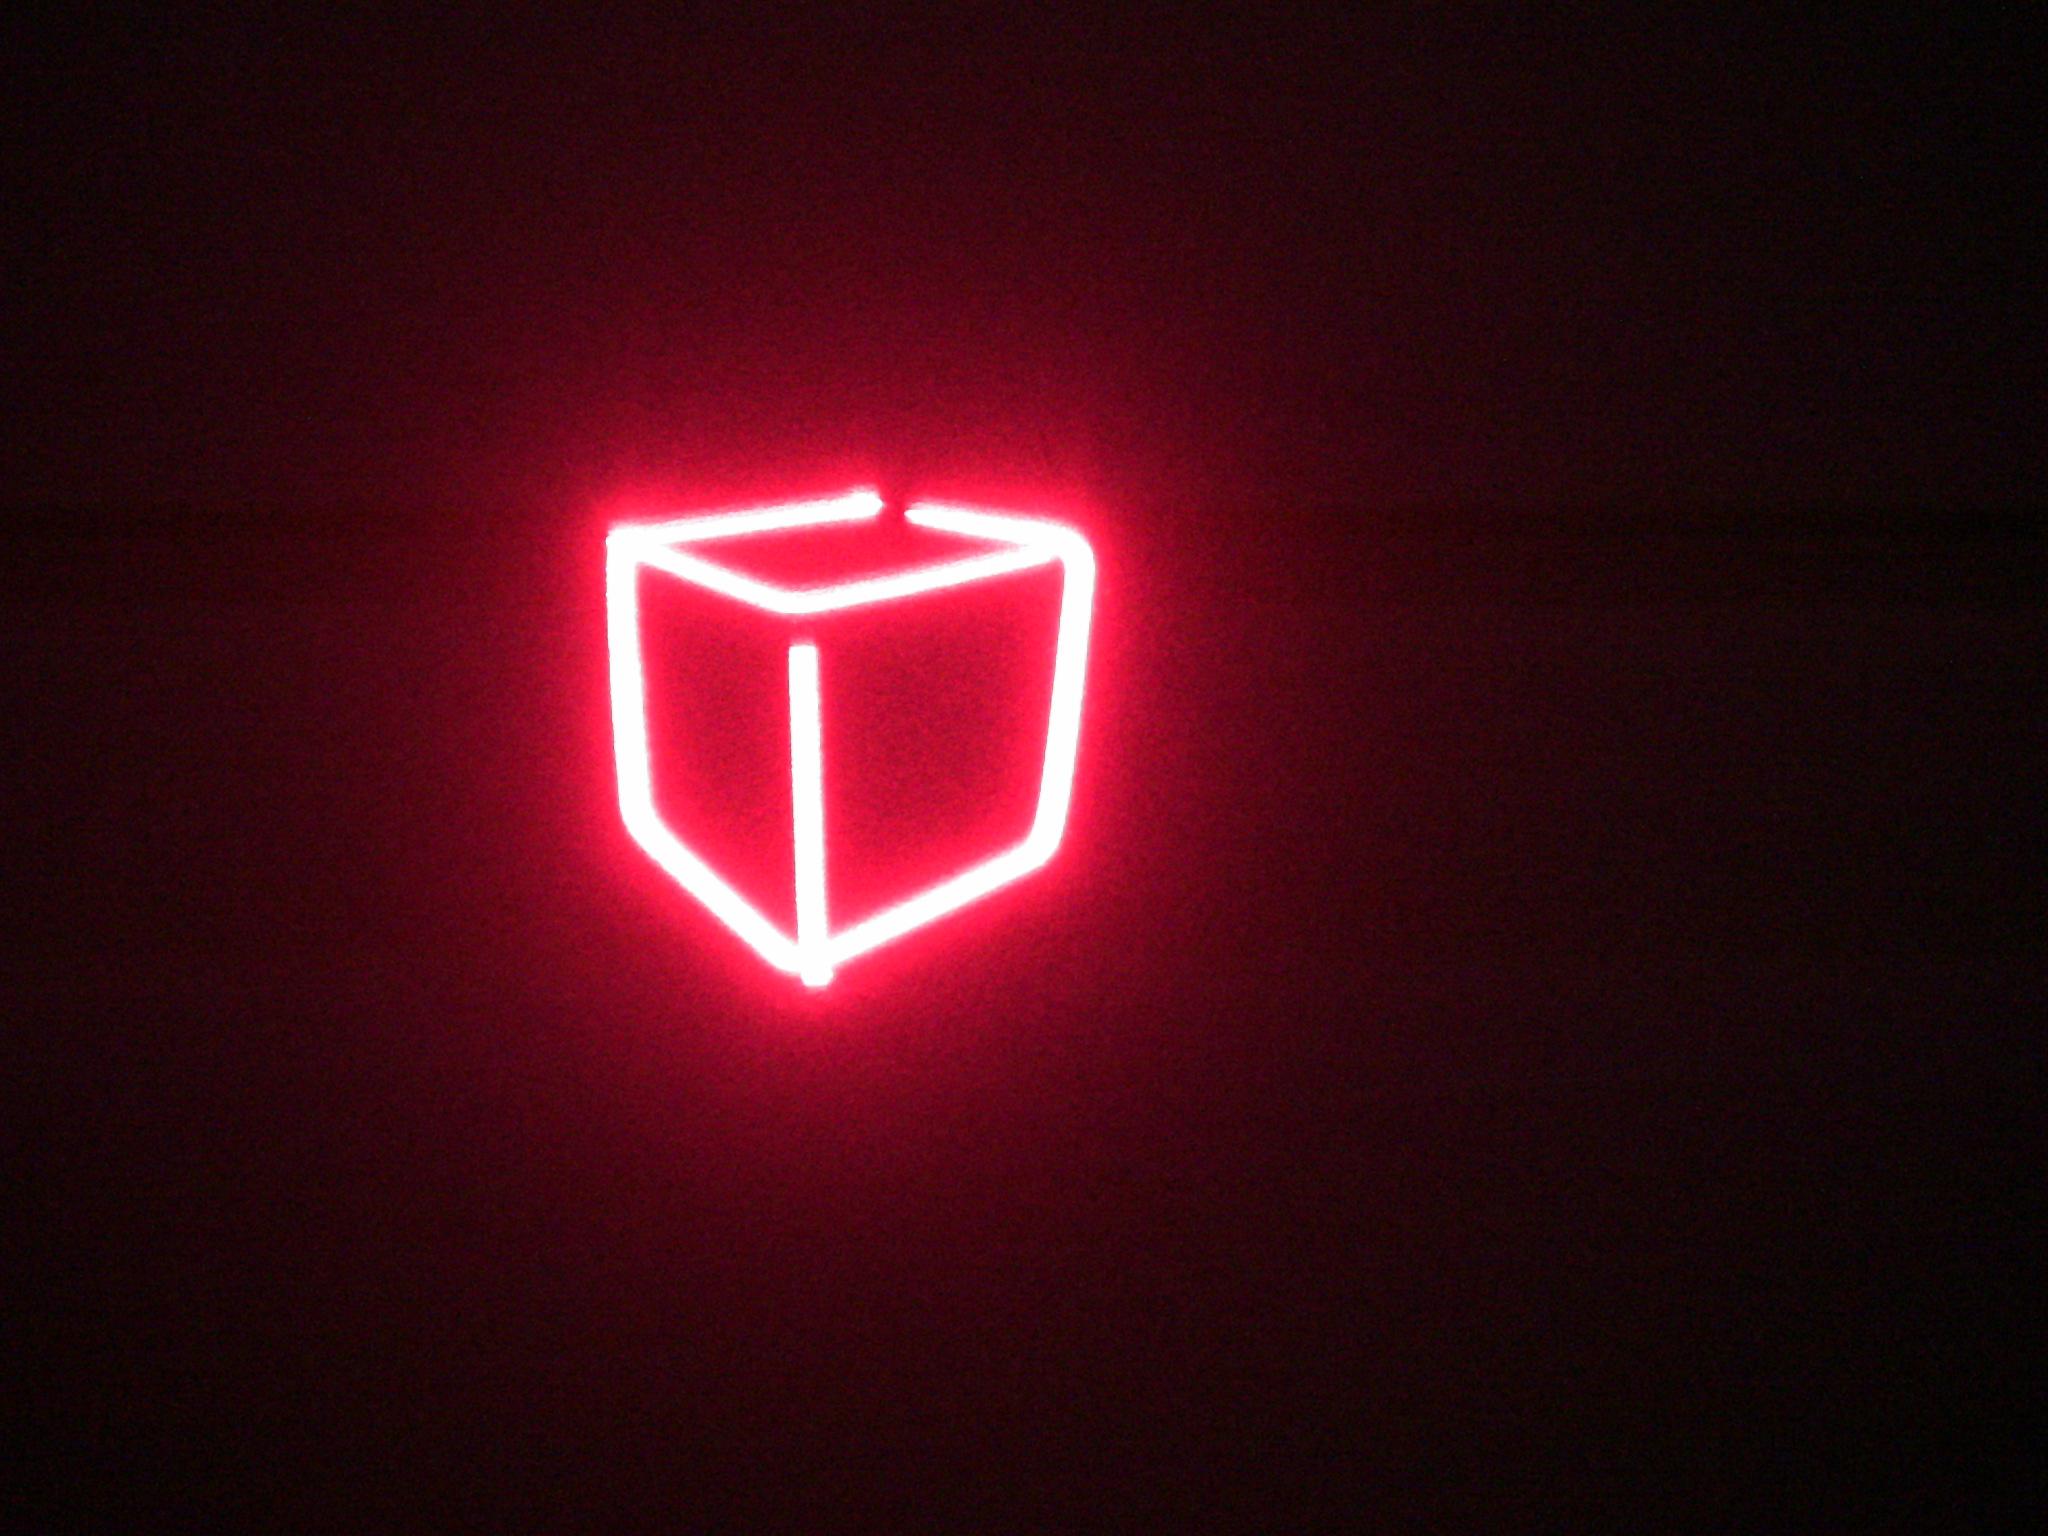 GitHub - tgreiser/etherdream: Go library for the Ether Dream